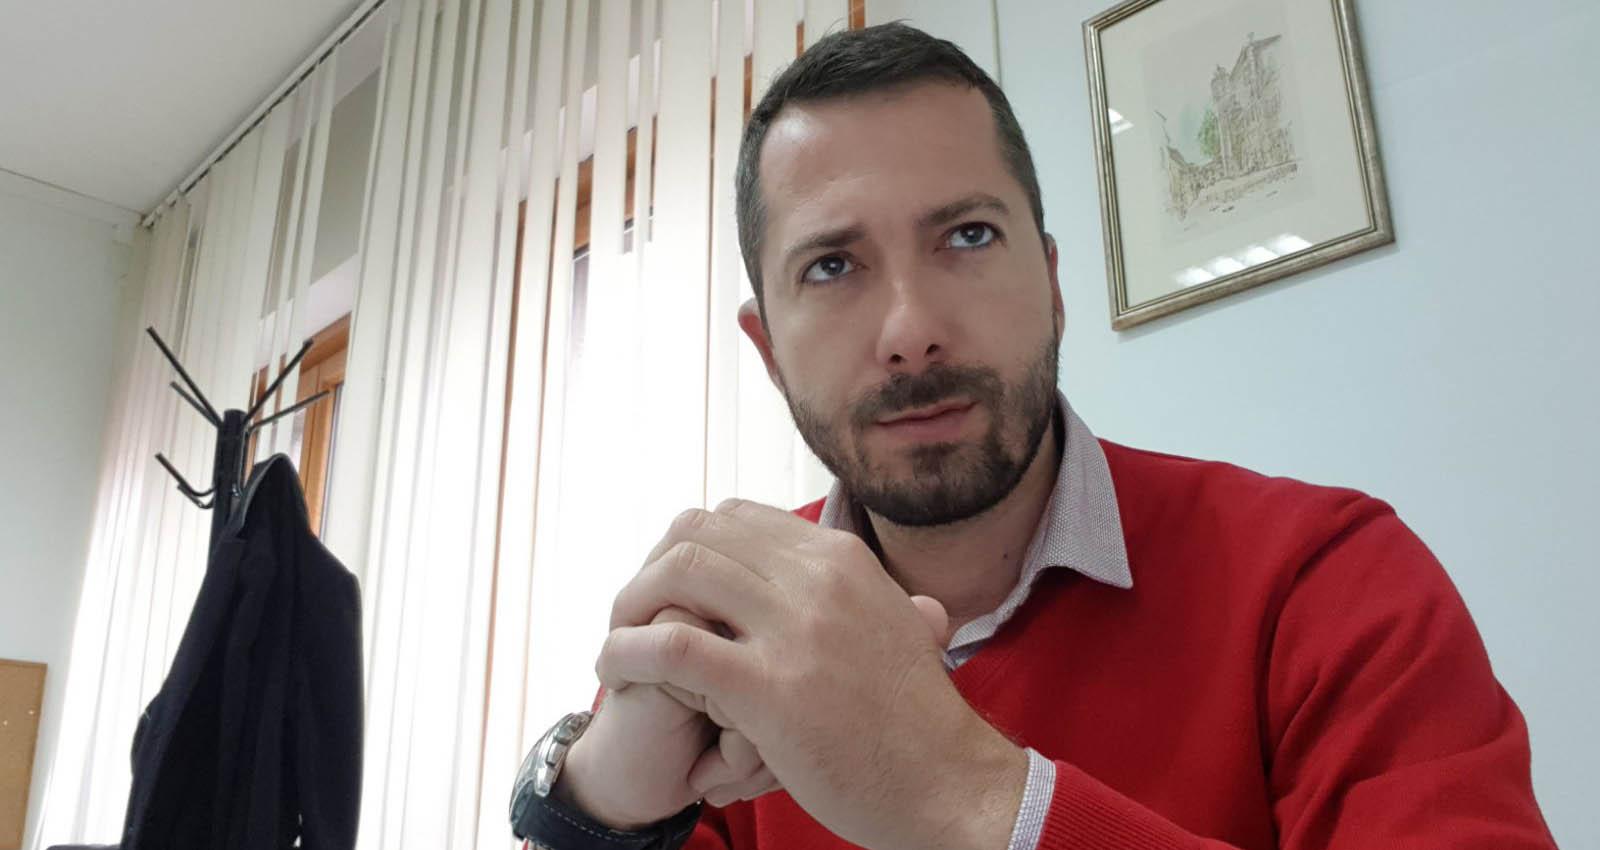 Народна странка Београд: Политички прогон и мобинг у општини Раковица и током ванредног стања